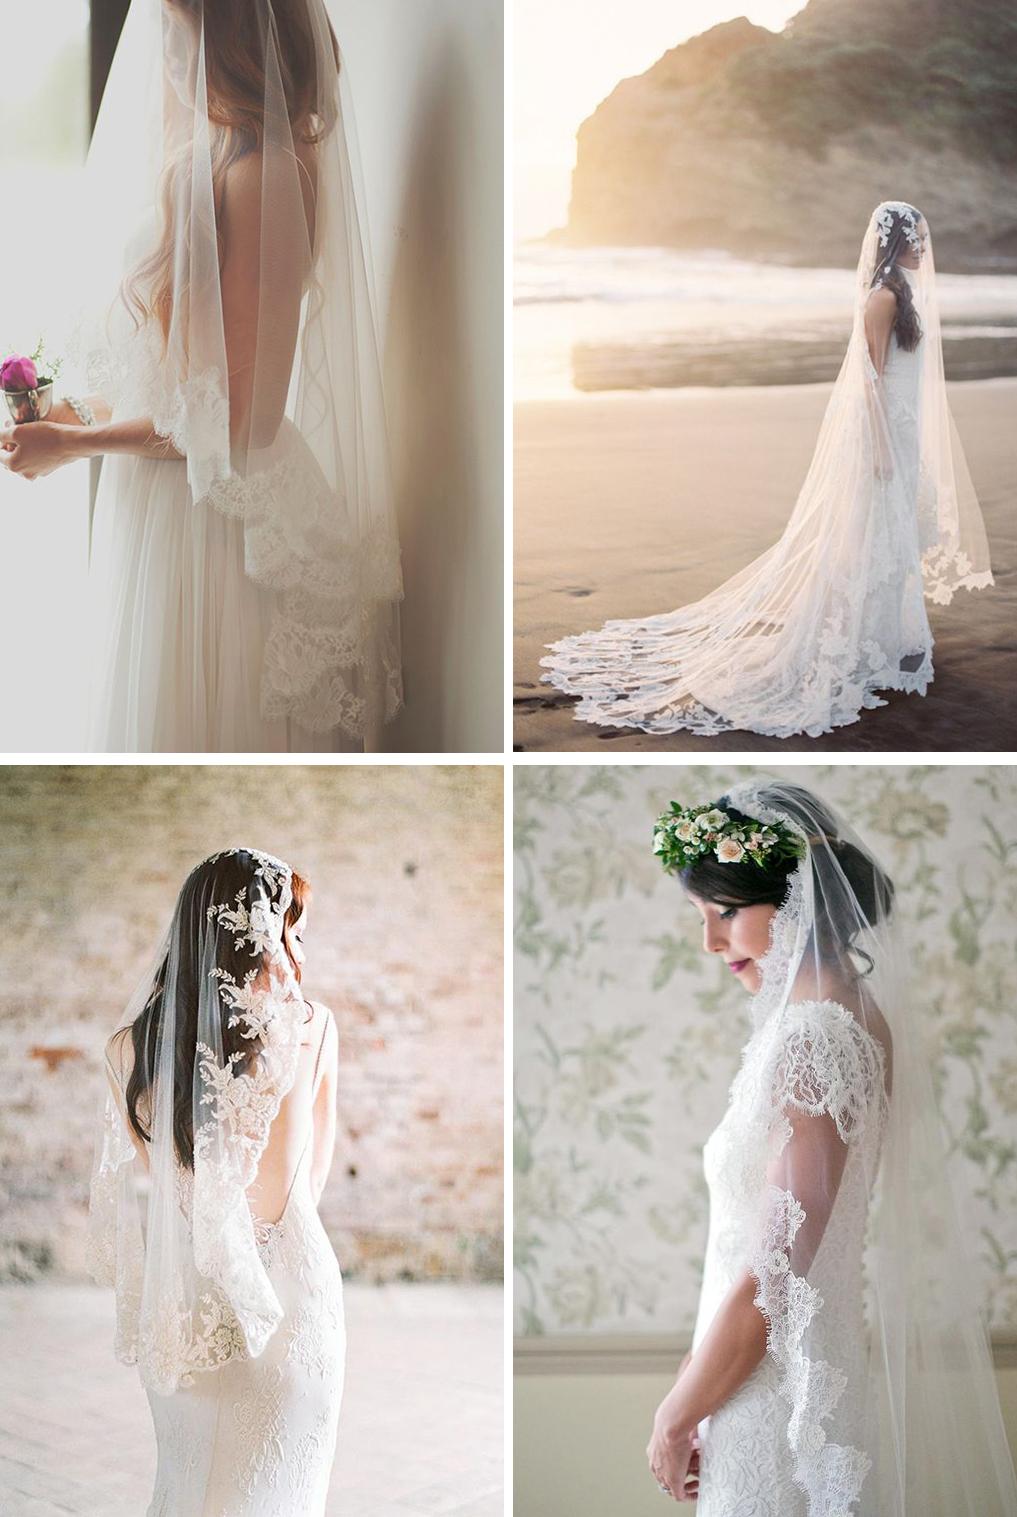 a45d77ca5c Piękne suknie ślubne - welony i wianki w Bellovelo